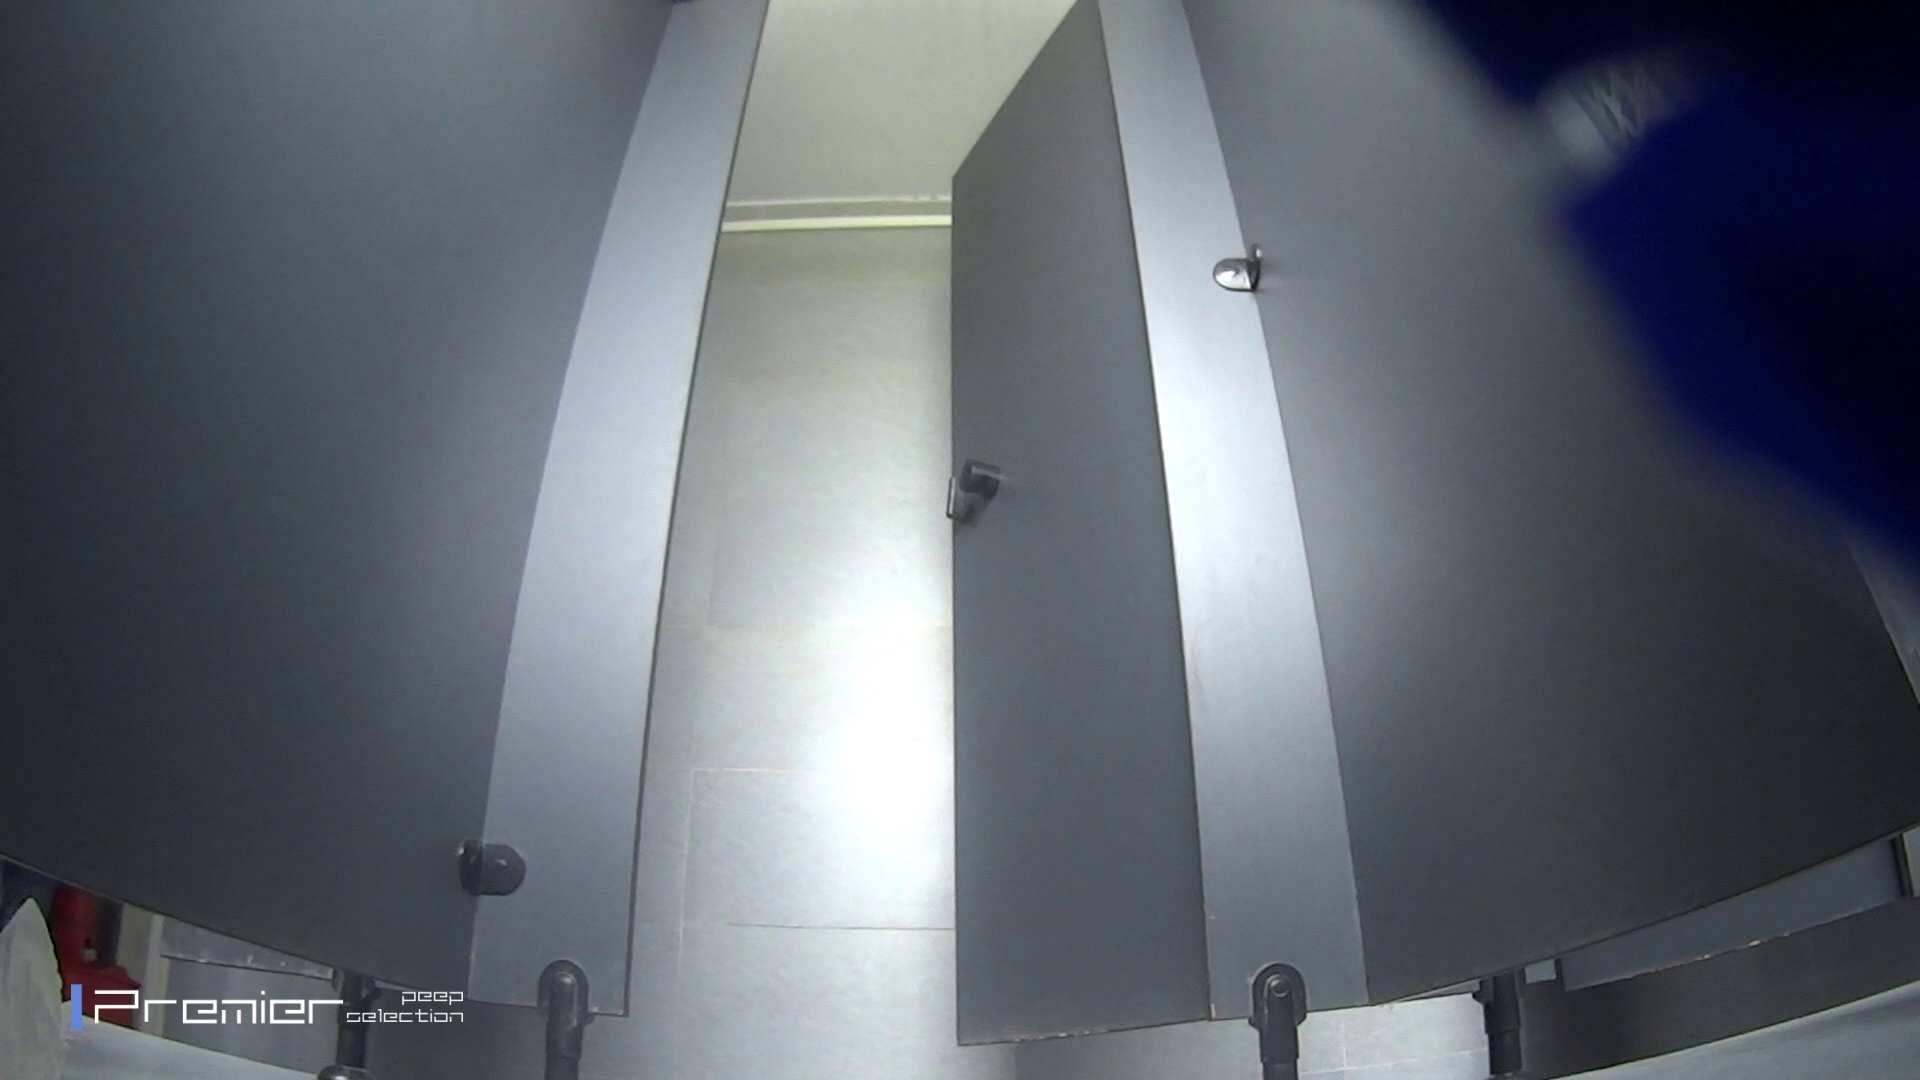 ツンデレお女市さんのトイレ事情 大学休憩時間の洗面所事情32 トイレ中 | 美女達のヌード  100連発 78